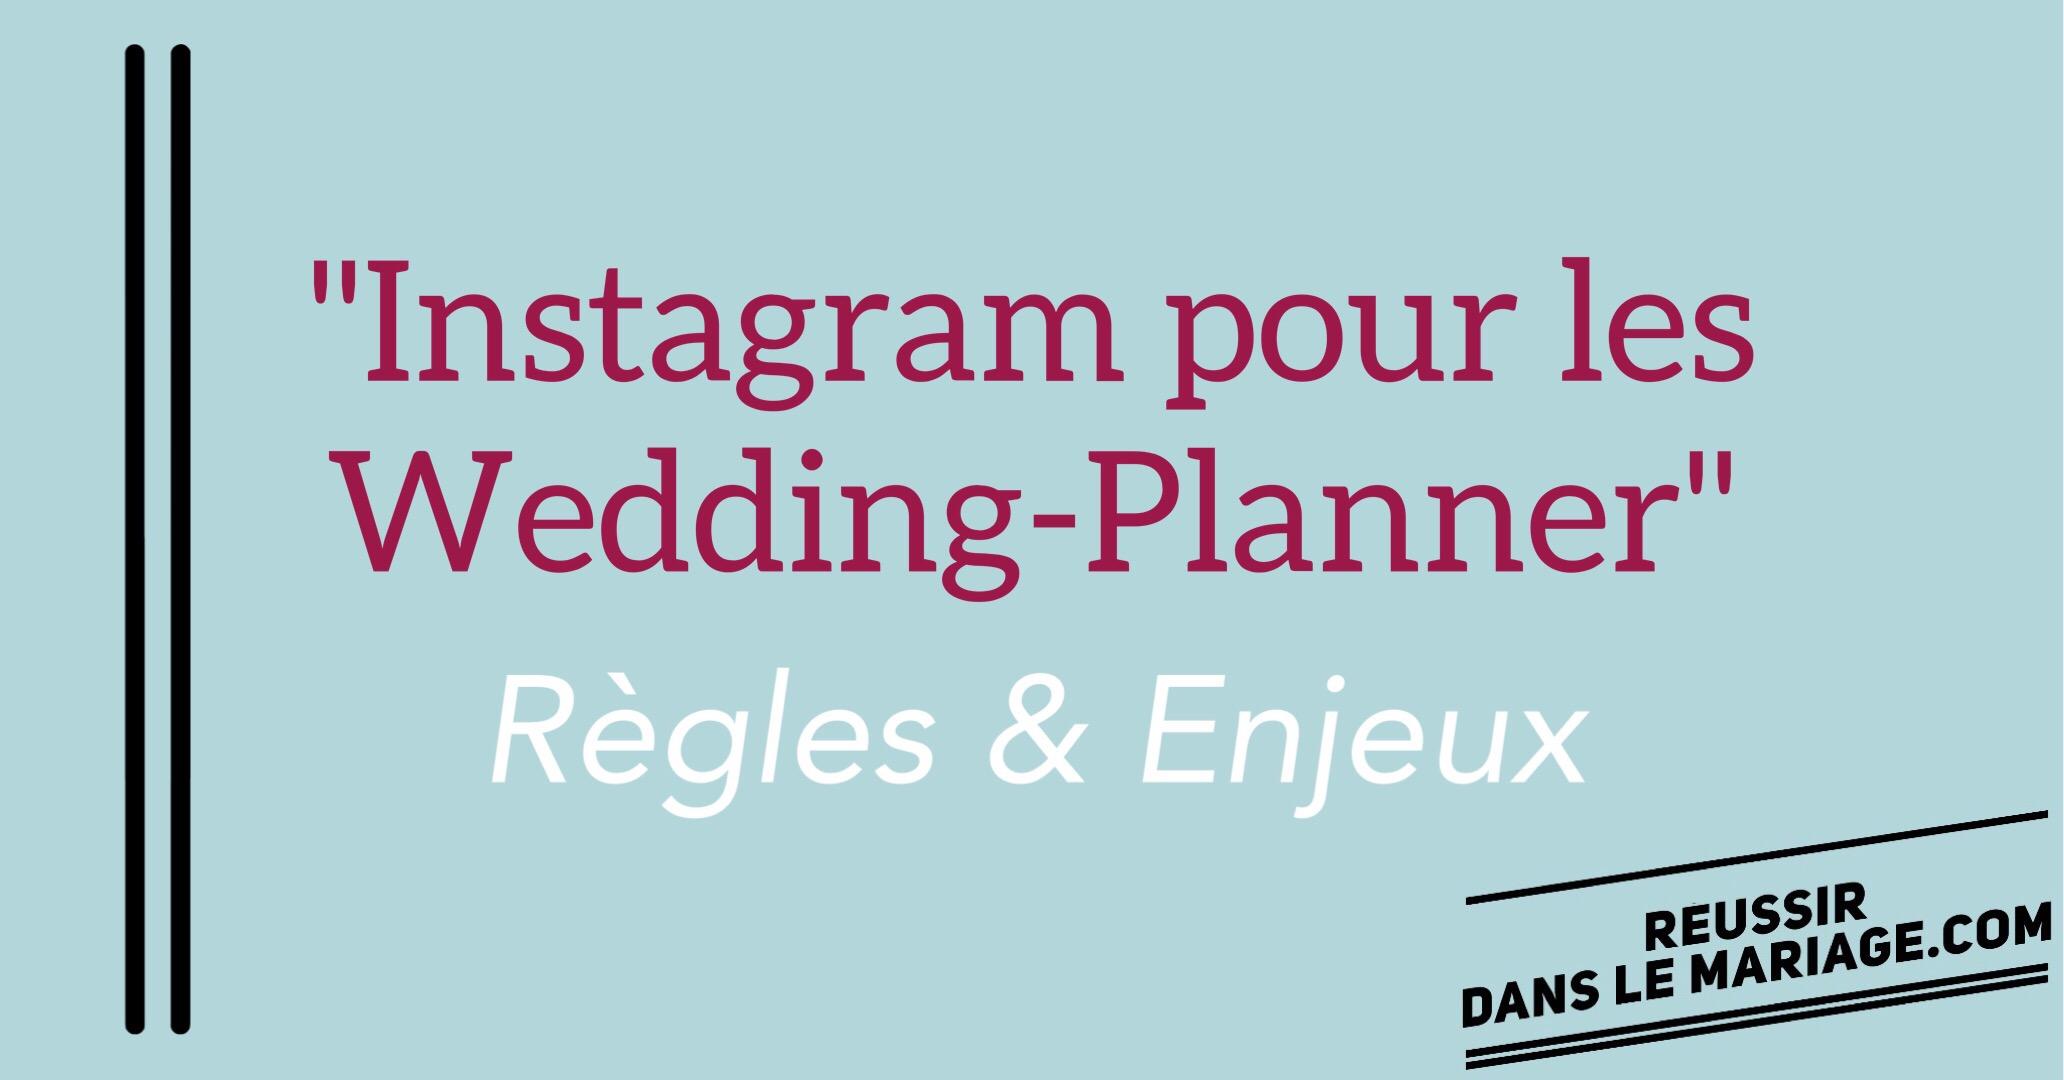 Instagram pour les wedding-planner